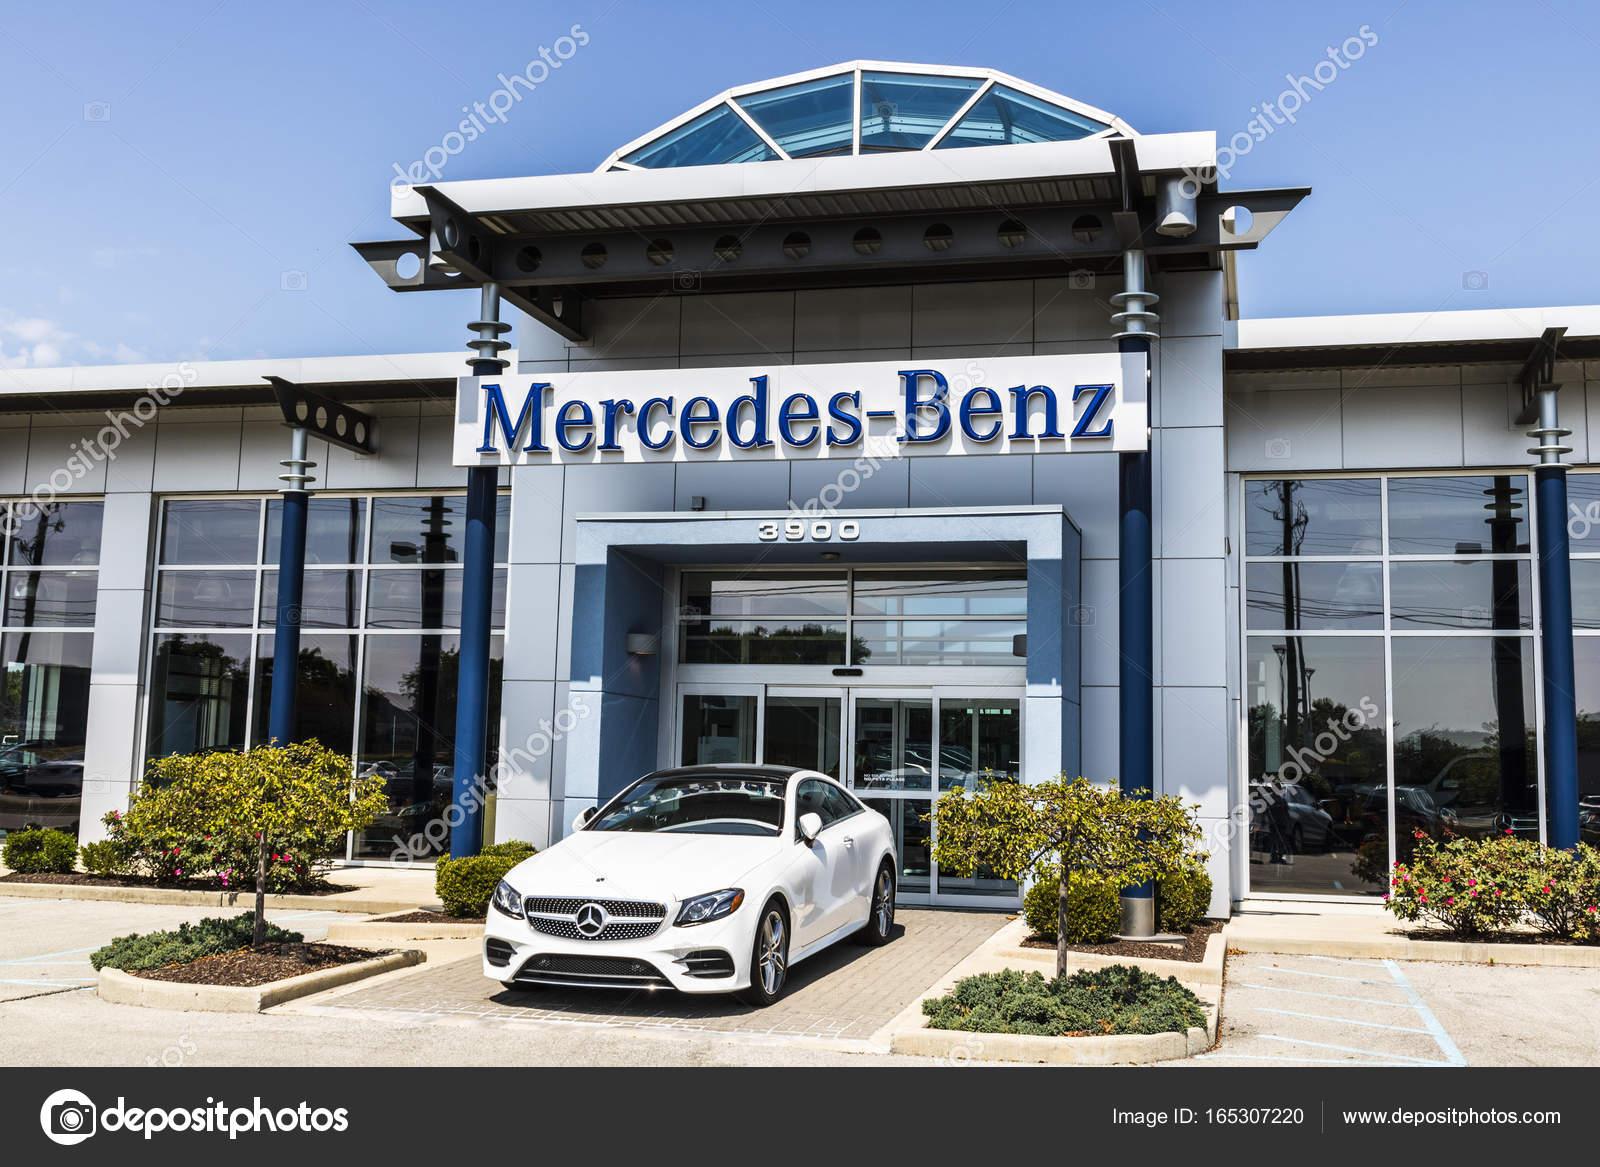 Indianapolis   Cerca De Agosto De 2017: Mercedes Benz Concessionária.  Mercedes Benz é Uma Fabricante De Automóveis Global E Uma Divisão De  Daimler Ag V ...